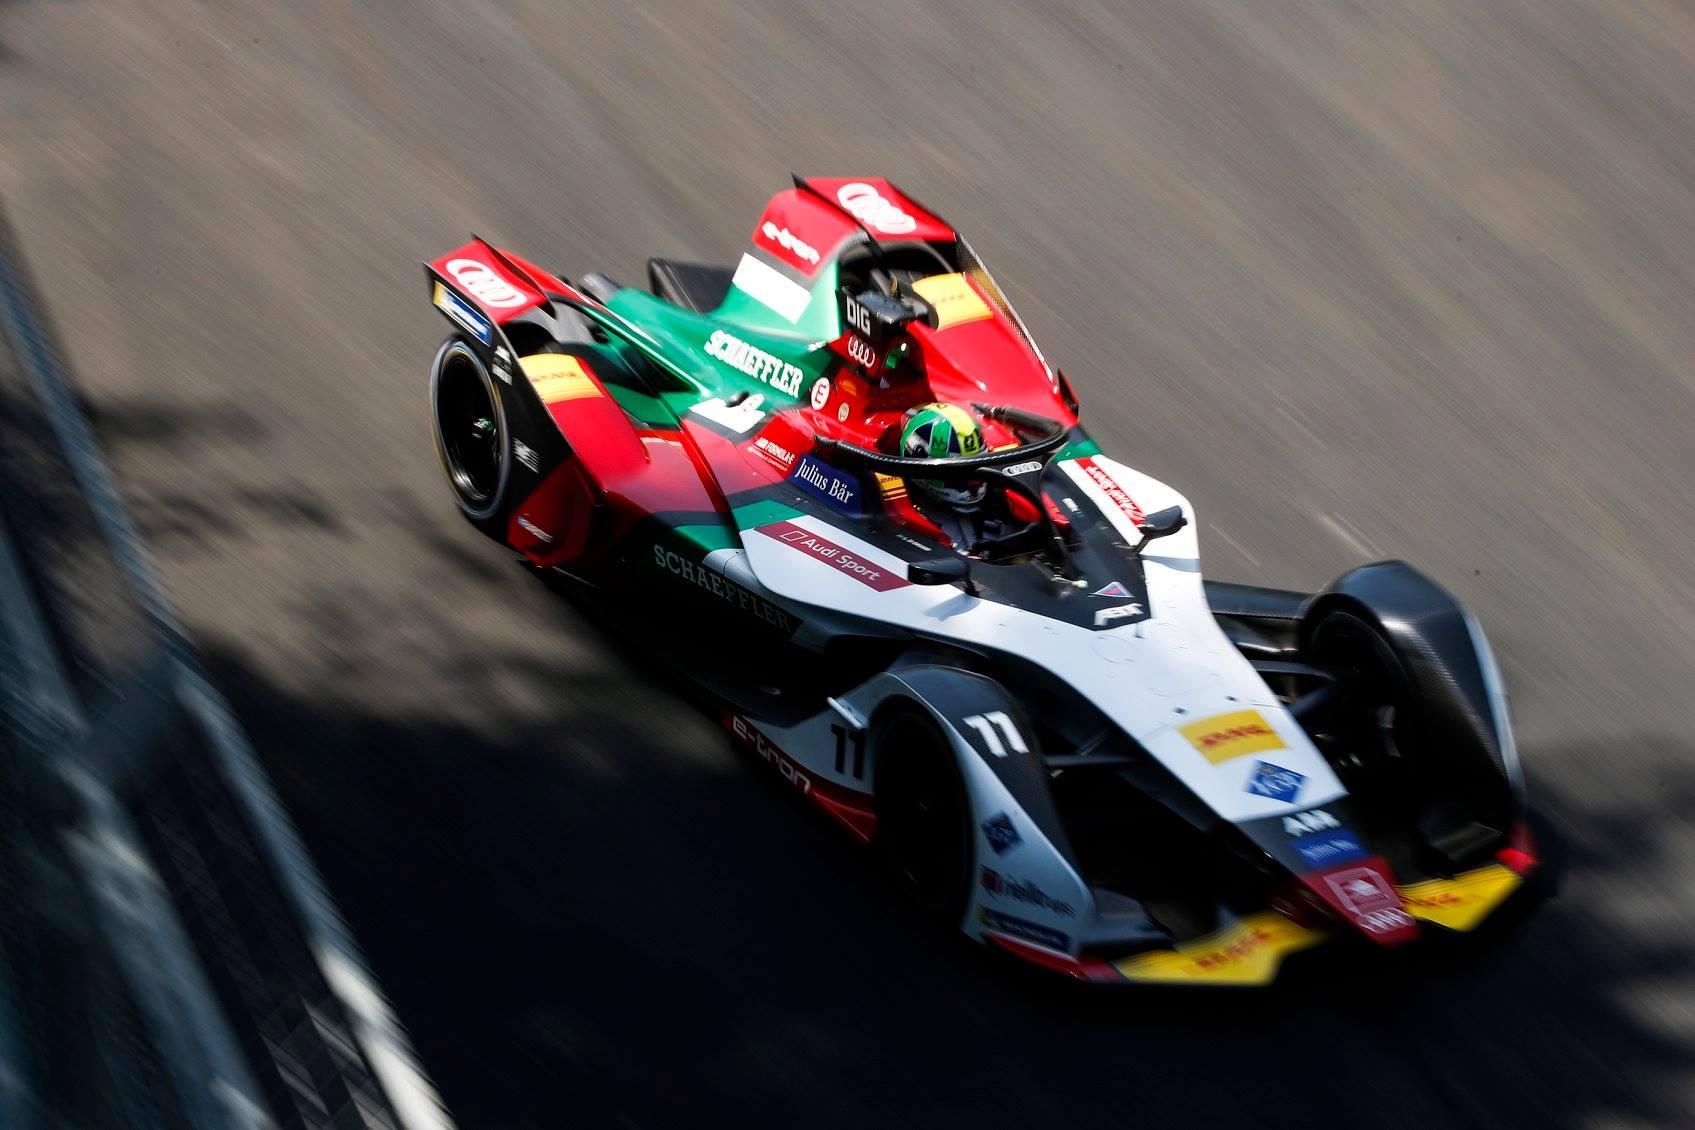 Mondiale di Formula E – Molti follower ma pochi autentici appassionati